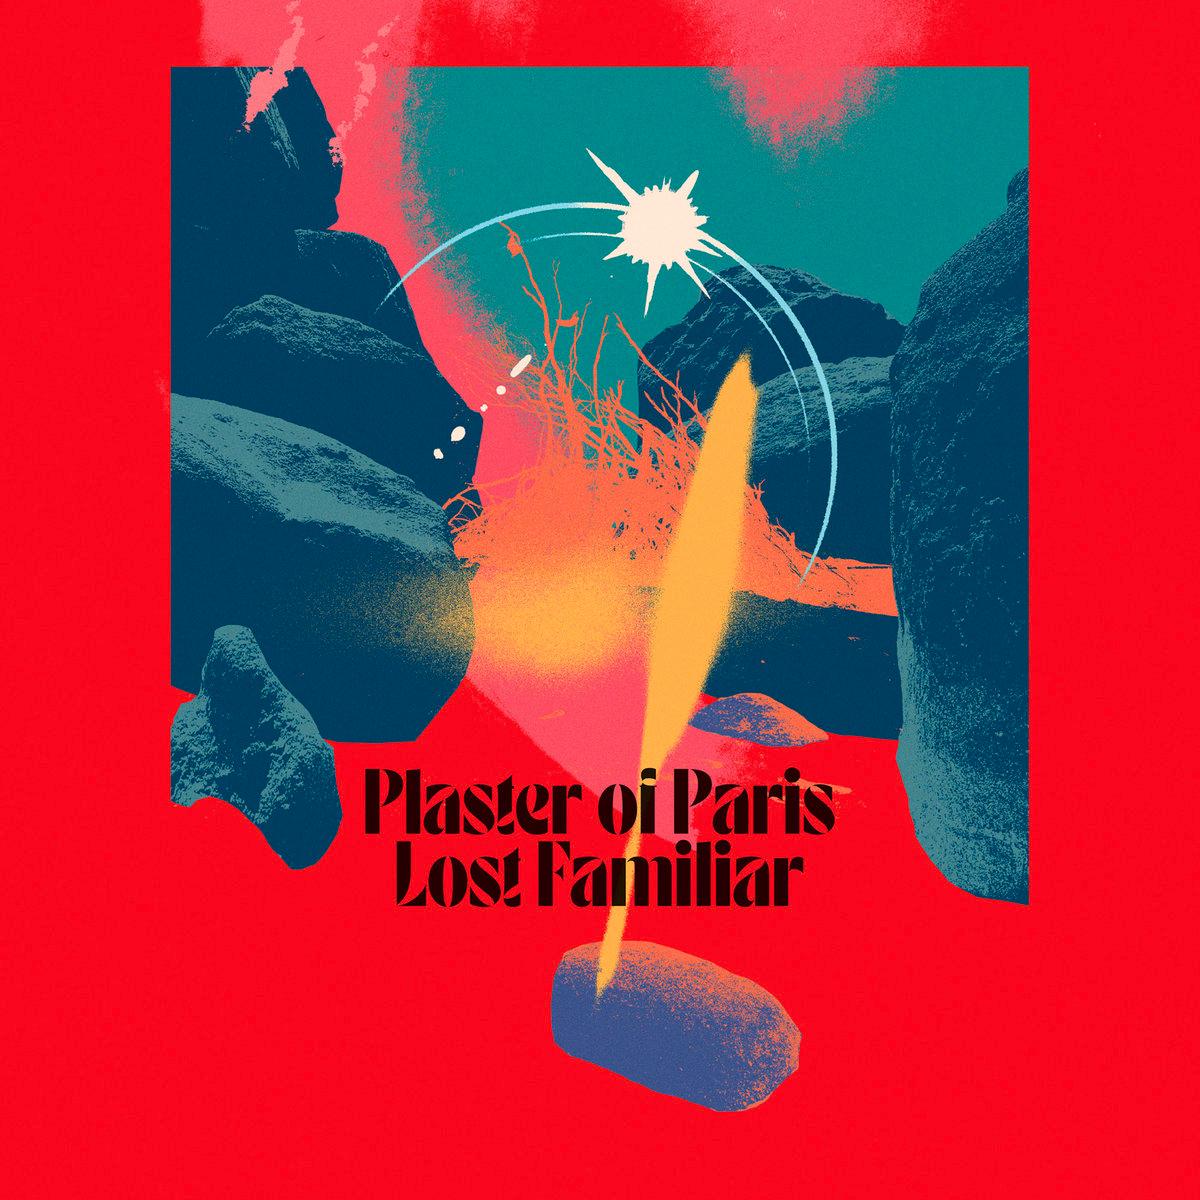 Plaster of Paris album 2021 Lost Familiar